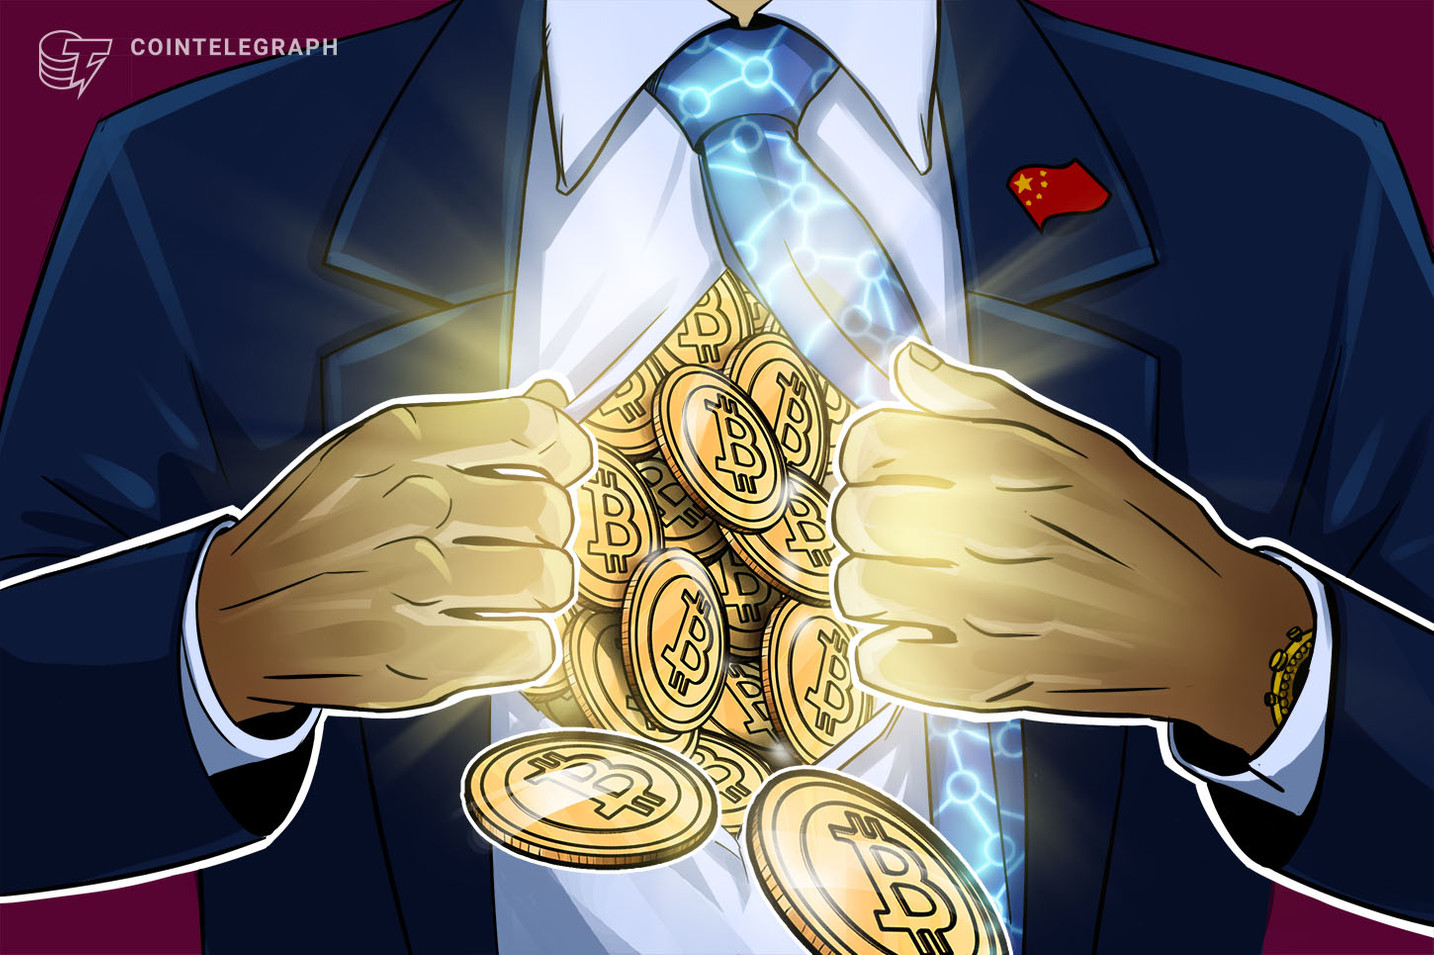 Especialista diz quanto tempo falta para o preço do Bitcoin subir no mercado como fez após os halvings de 2012 e 2016